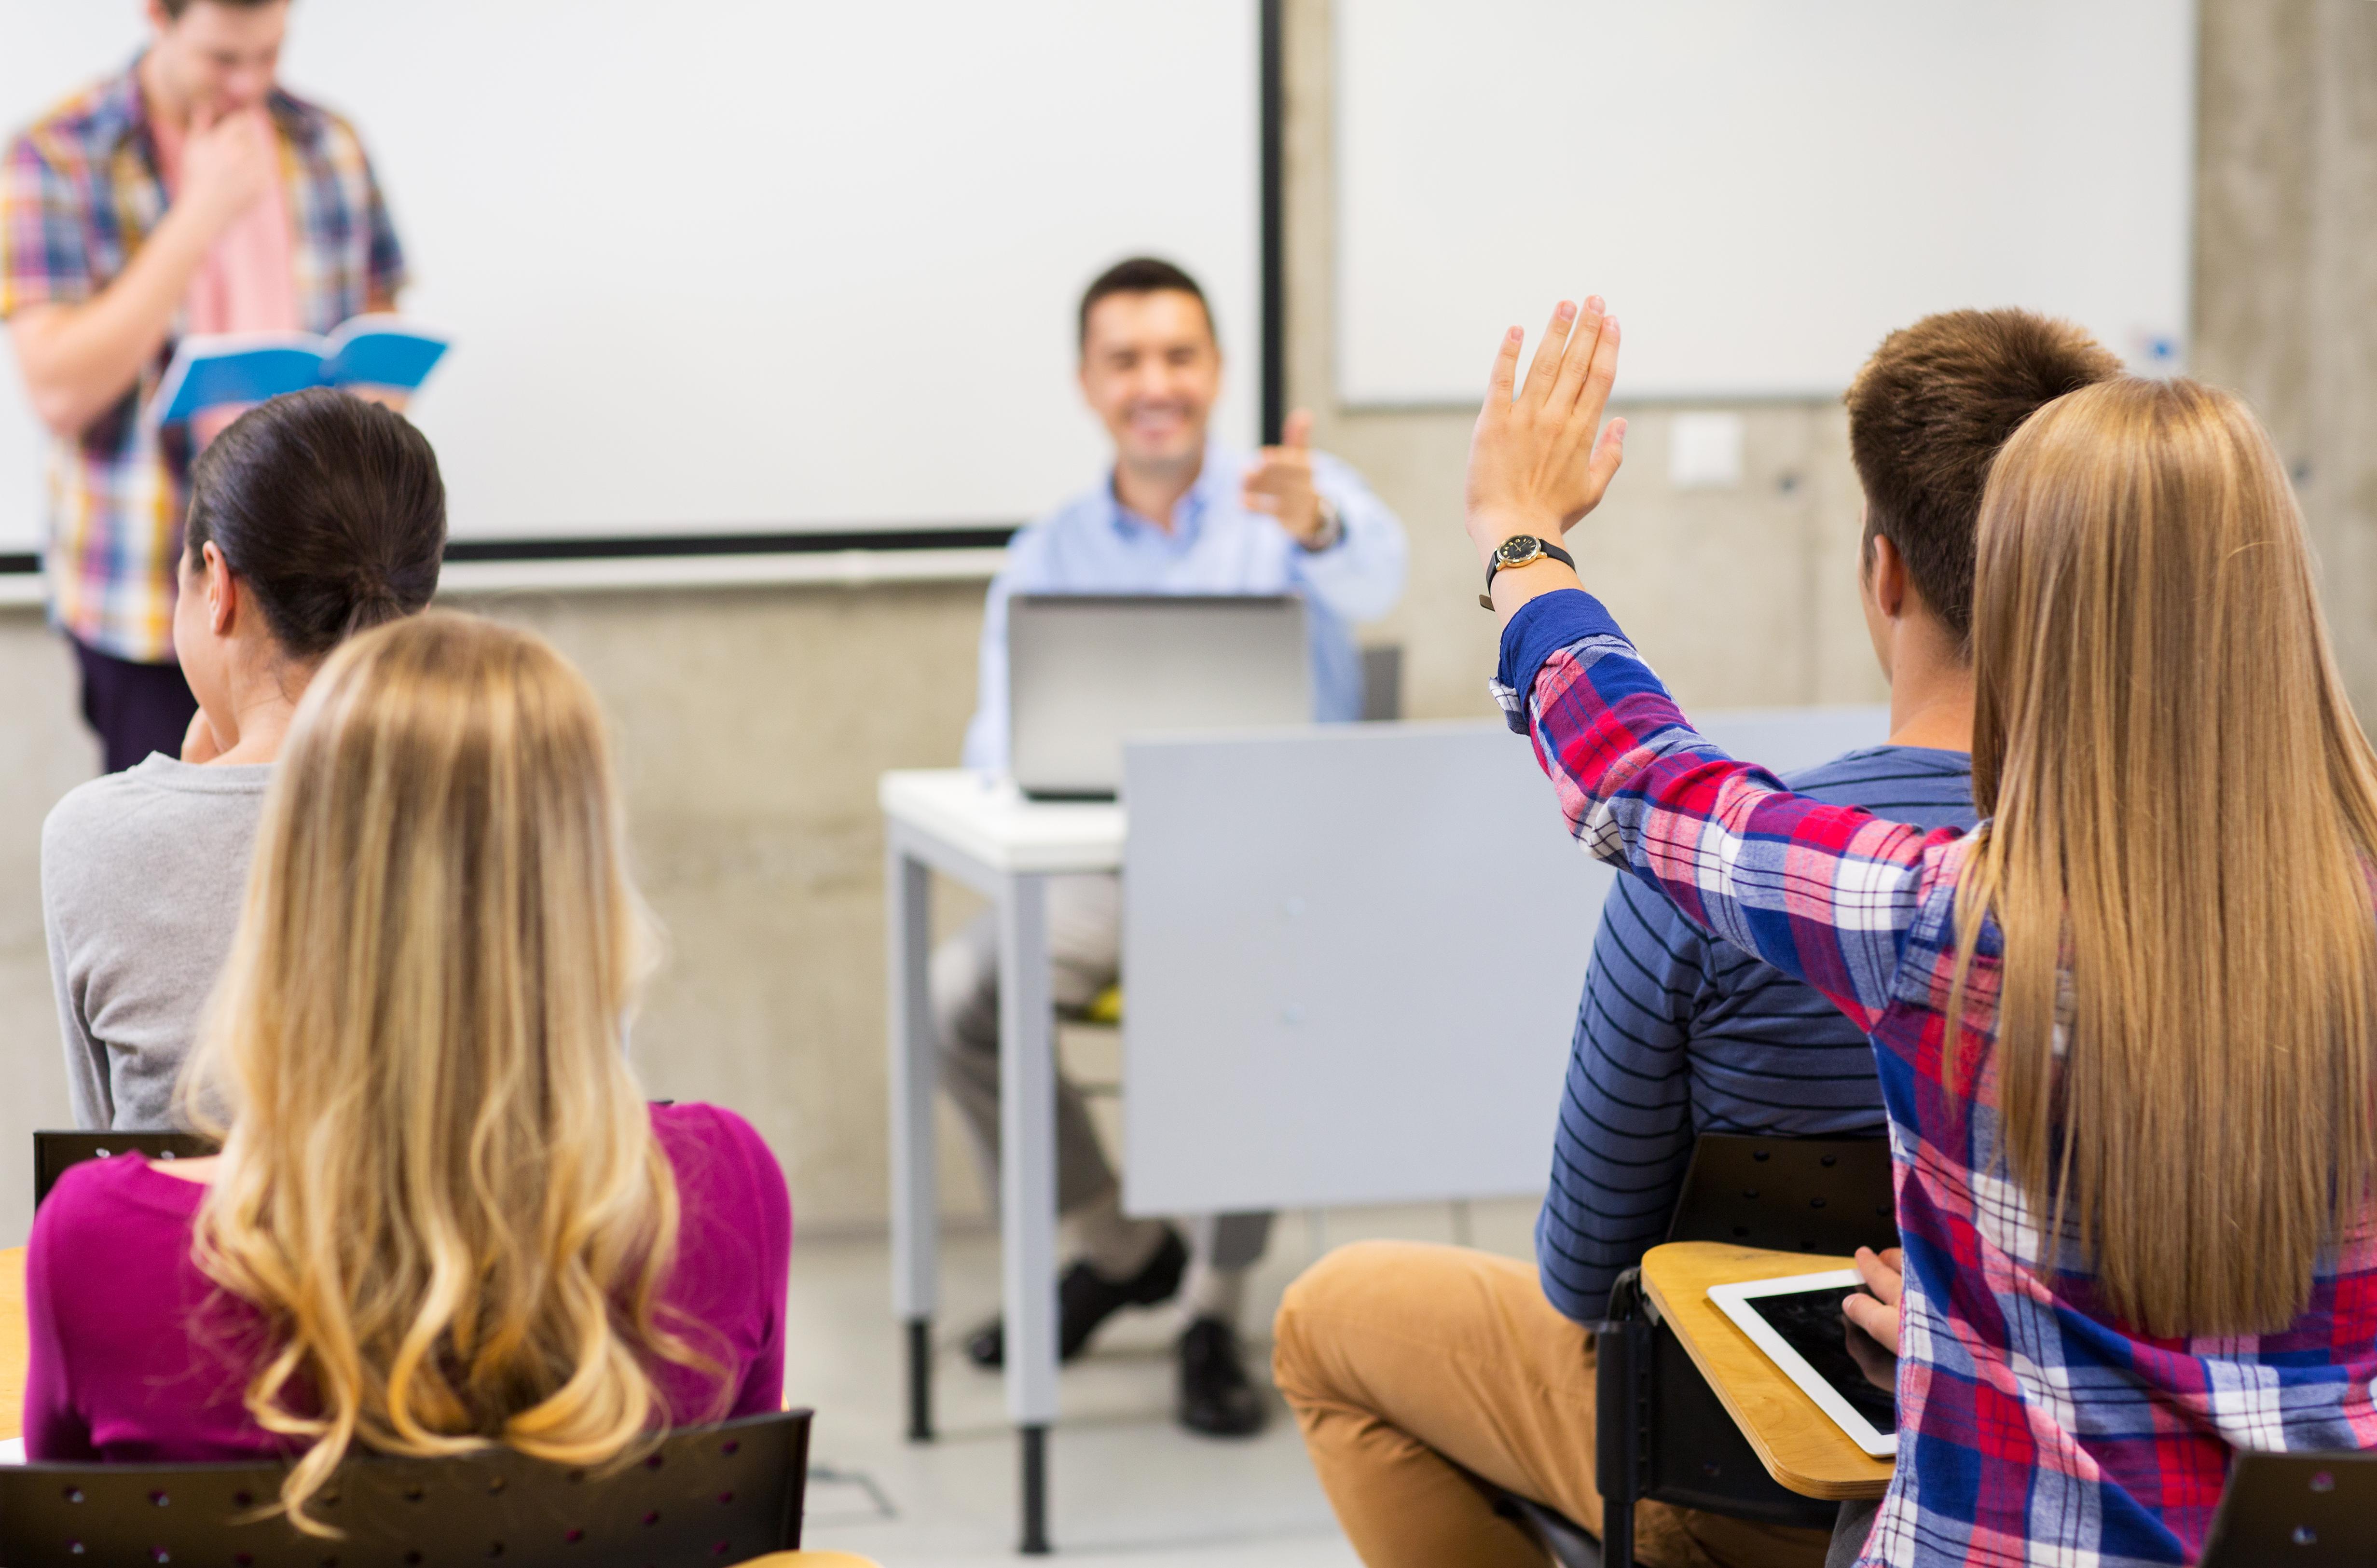 Importância de ensinar respeito mútuo nas escolas   Artigos Cursos CPT